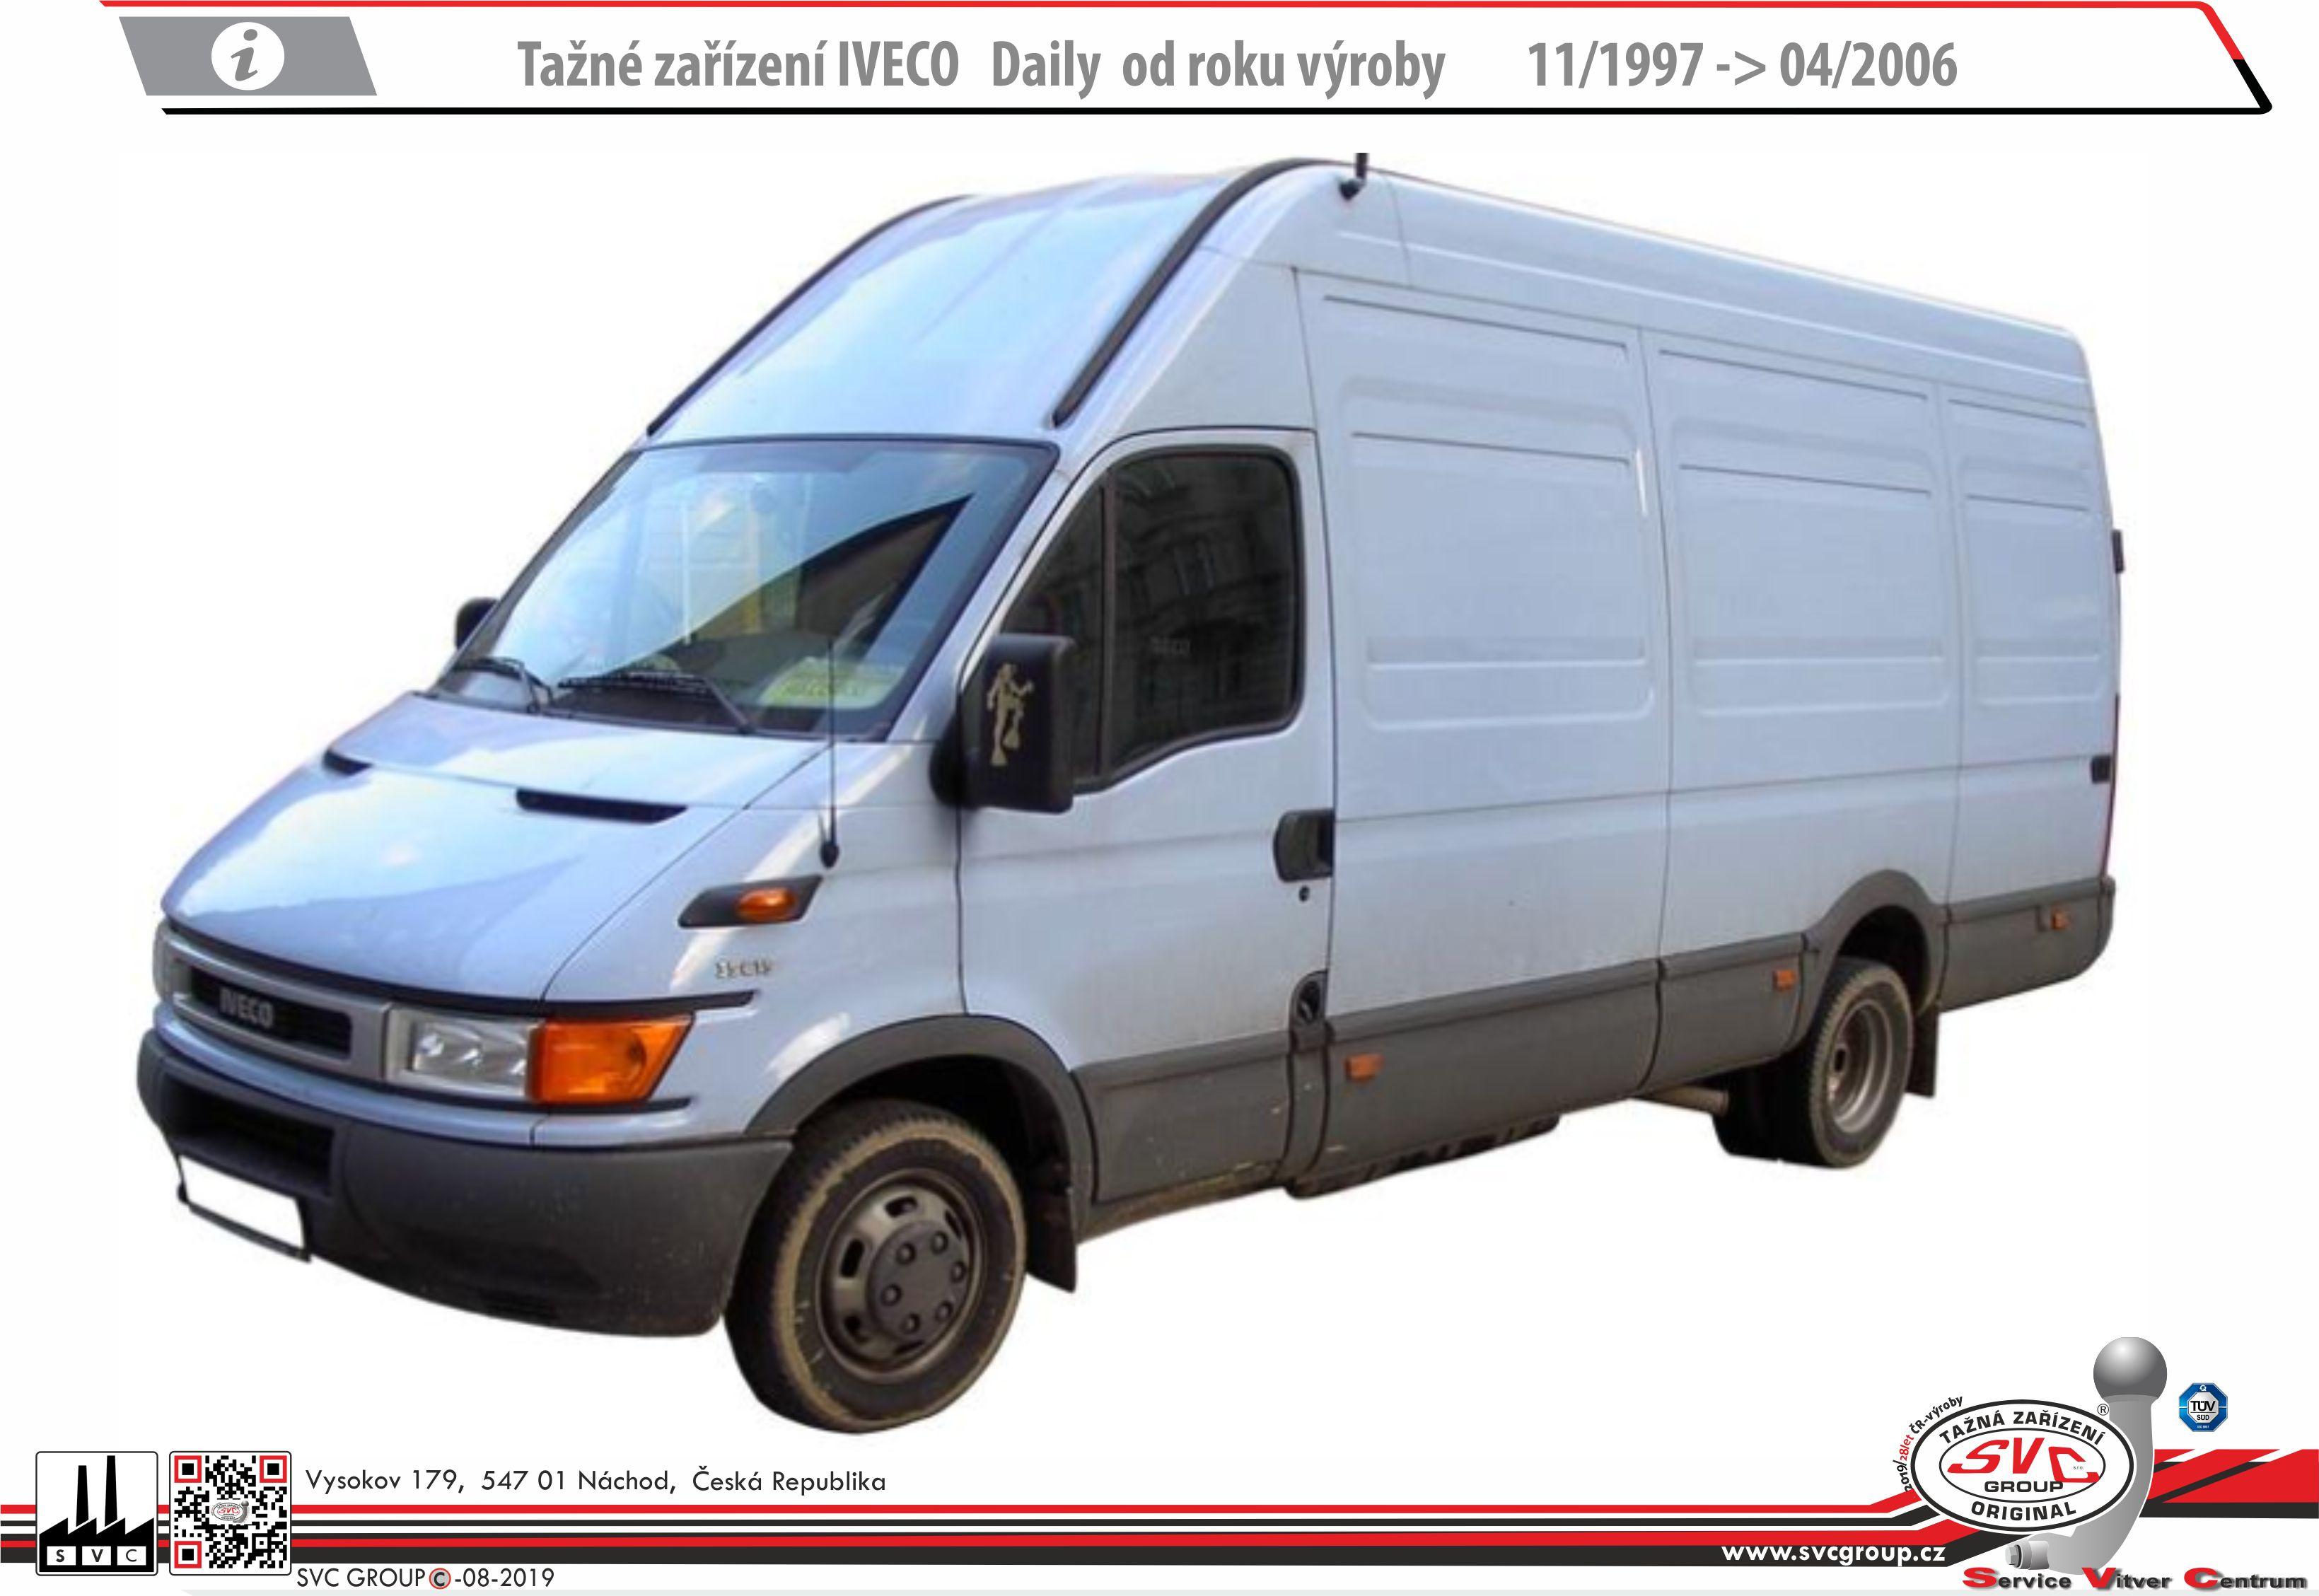 Iveco Daily 29L<->35S + Valník